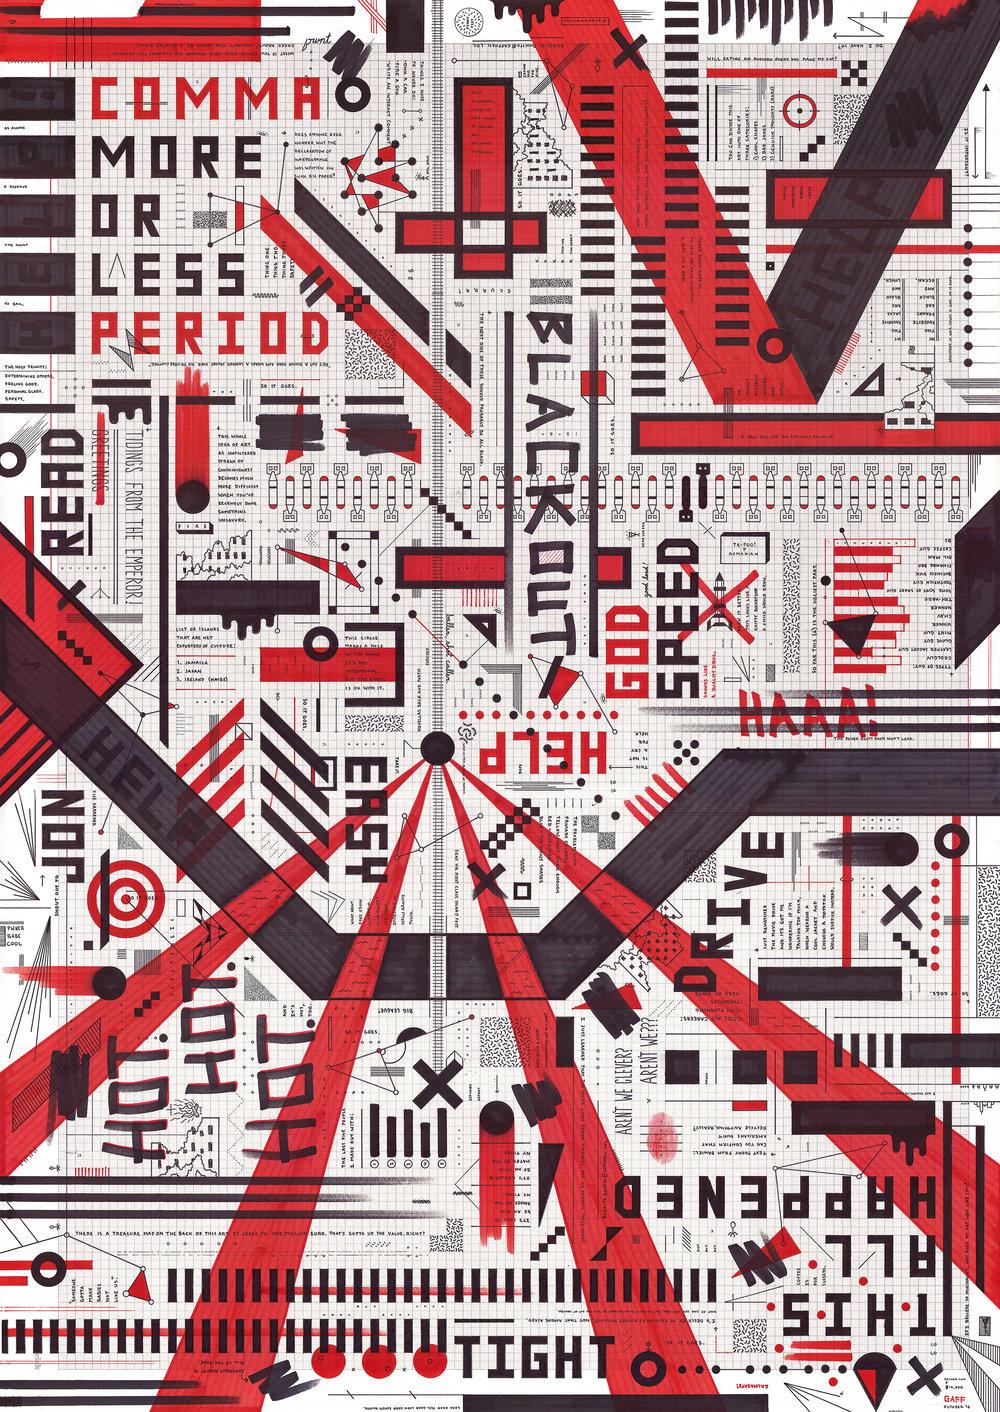 GraphPaper_02_WebMain.jpg